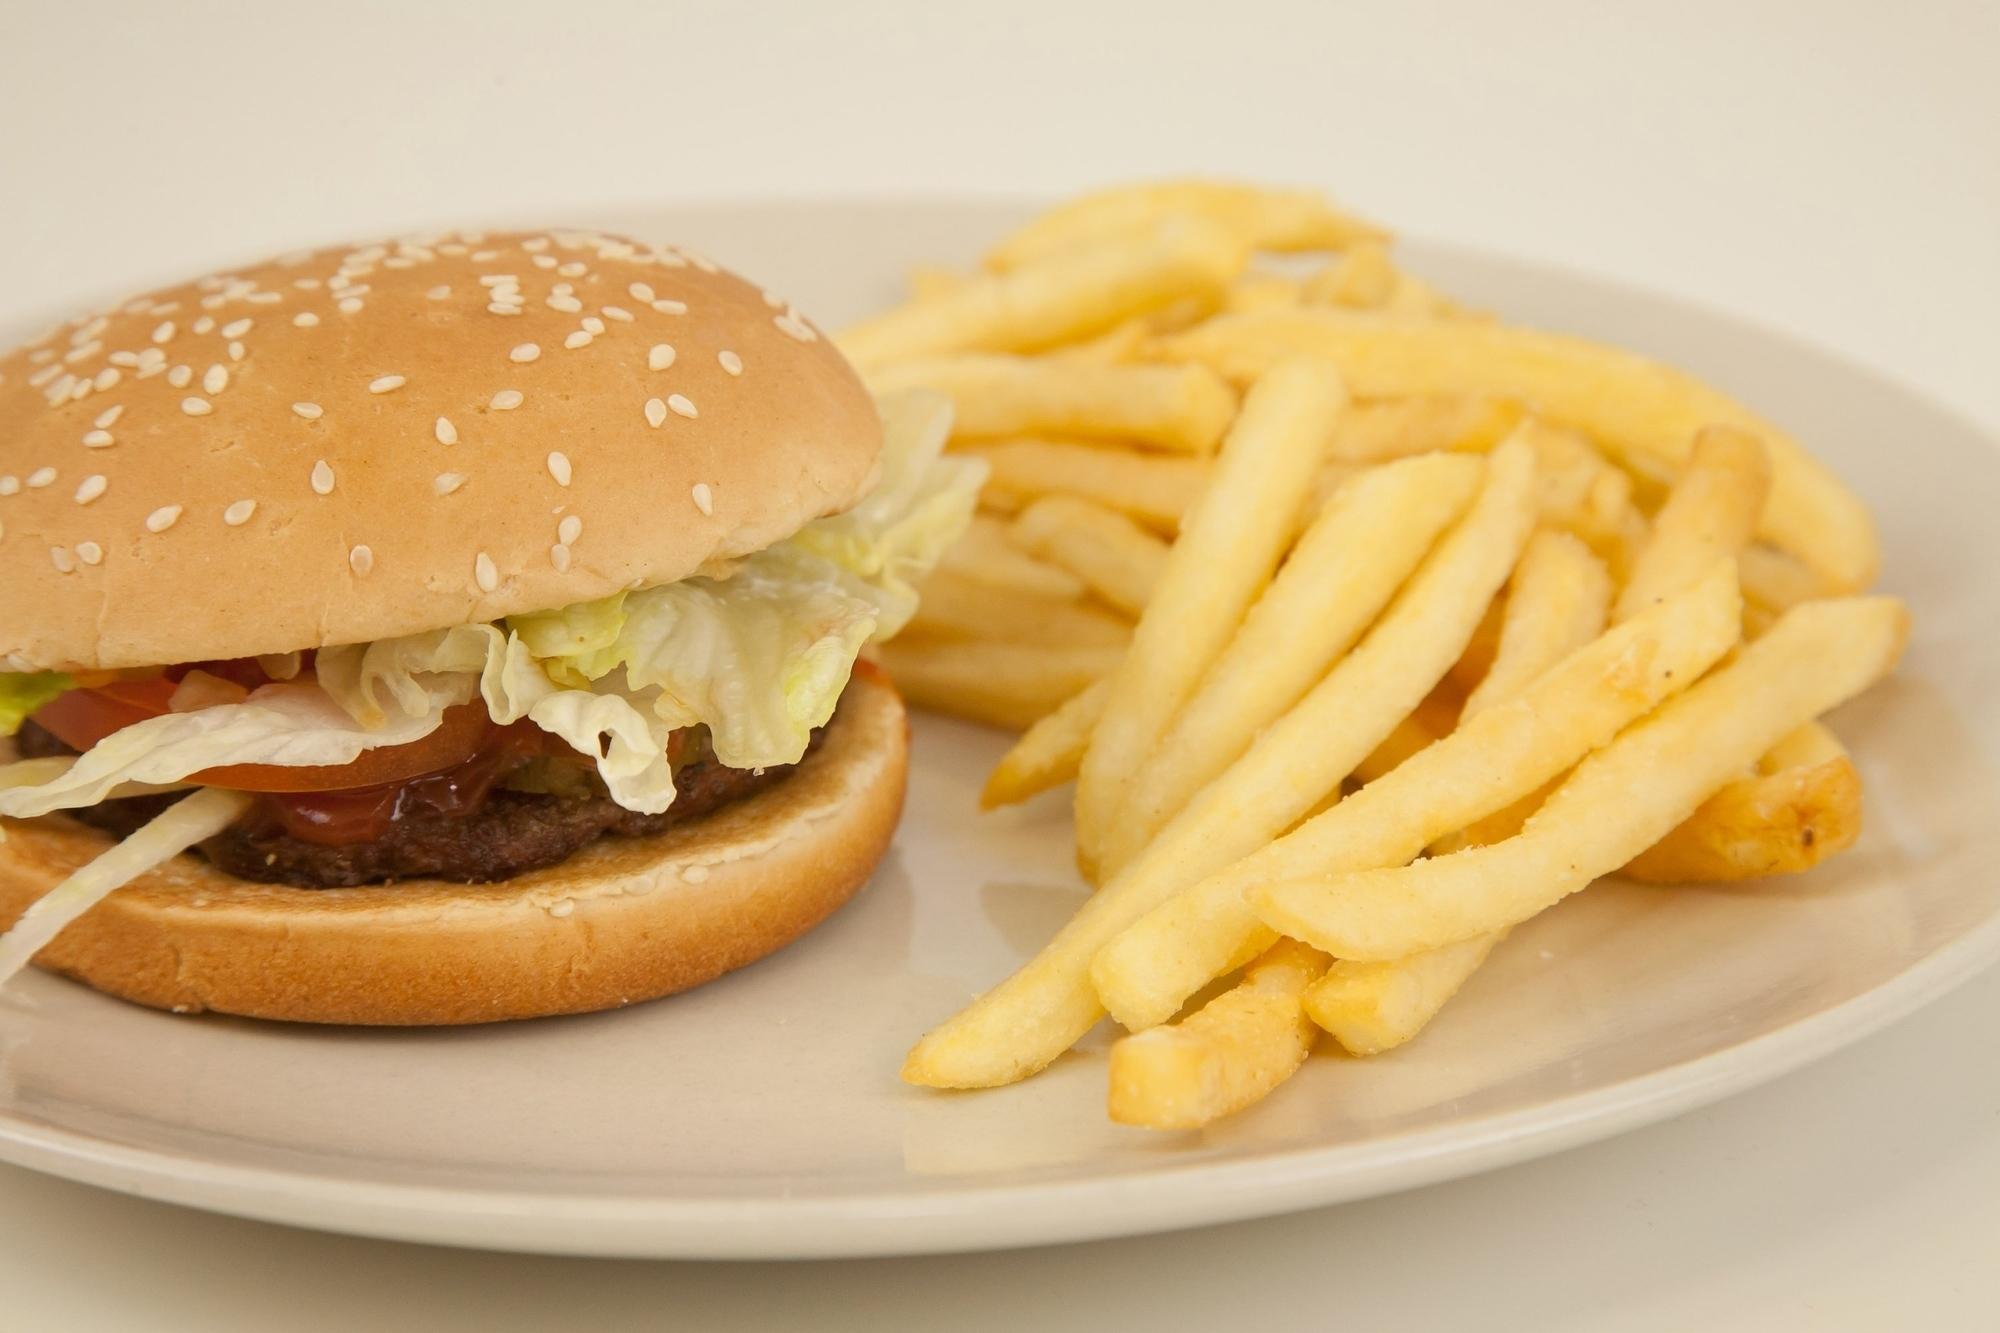 fast food muss nicht ungesund sein essen und trinken freizeit morgenweb. Black Bedroom Furniture Sets. Home Design Ideas